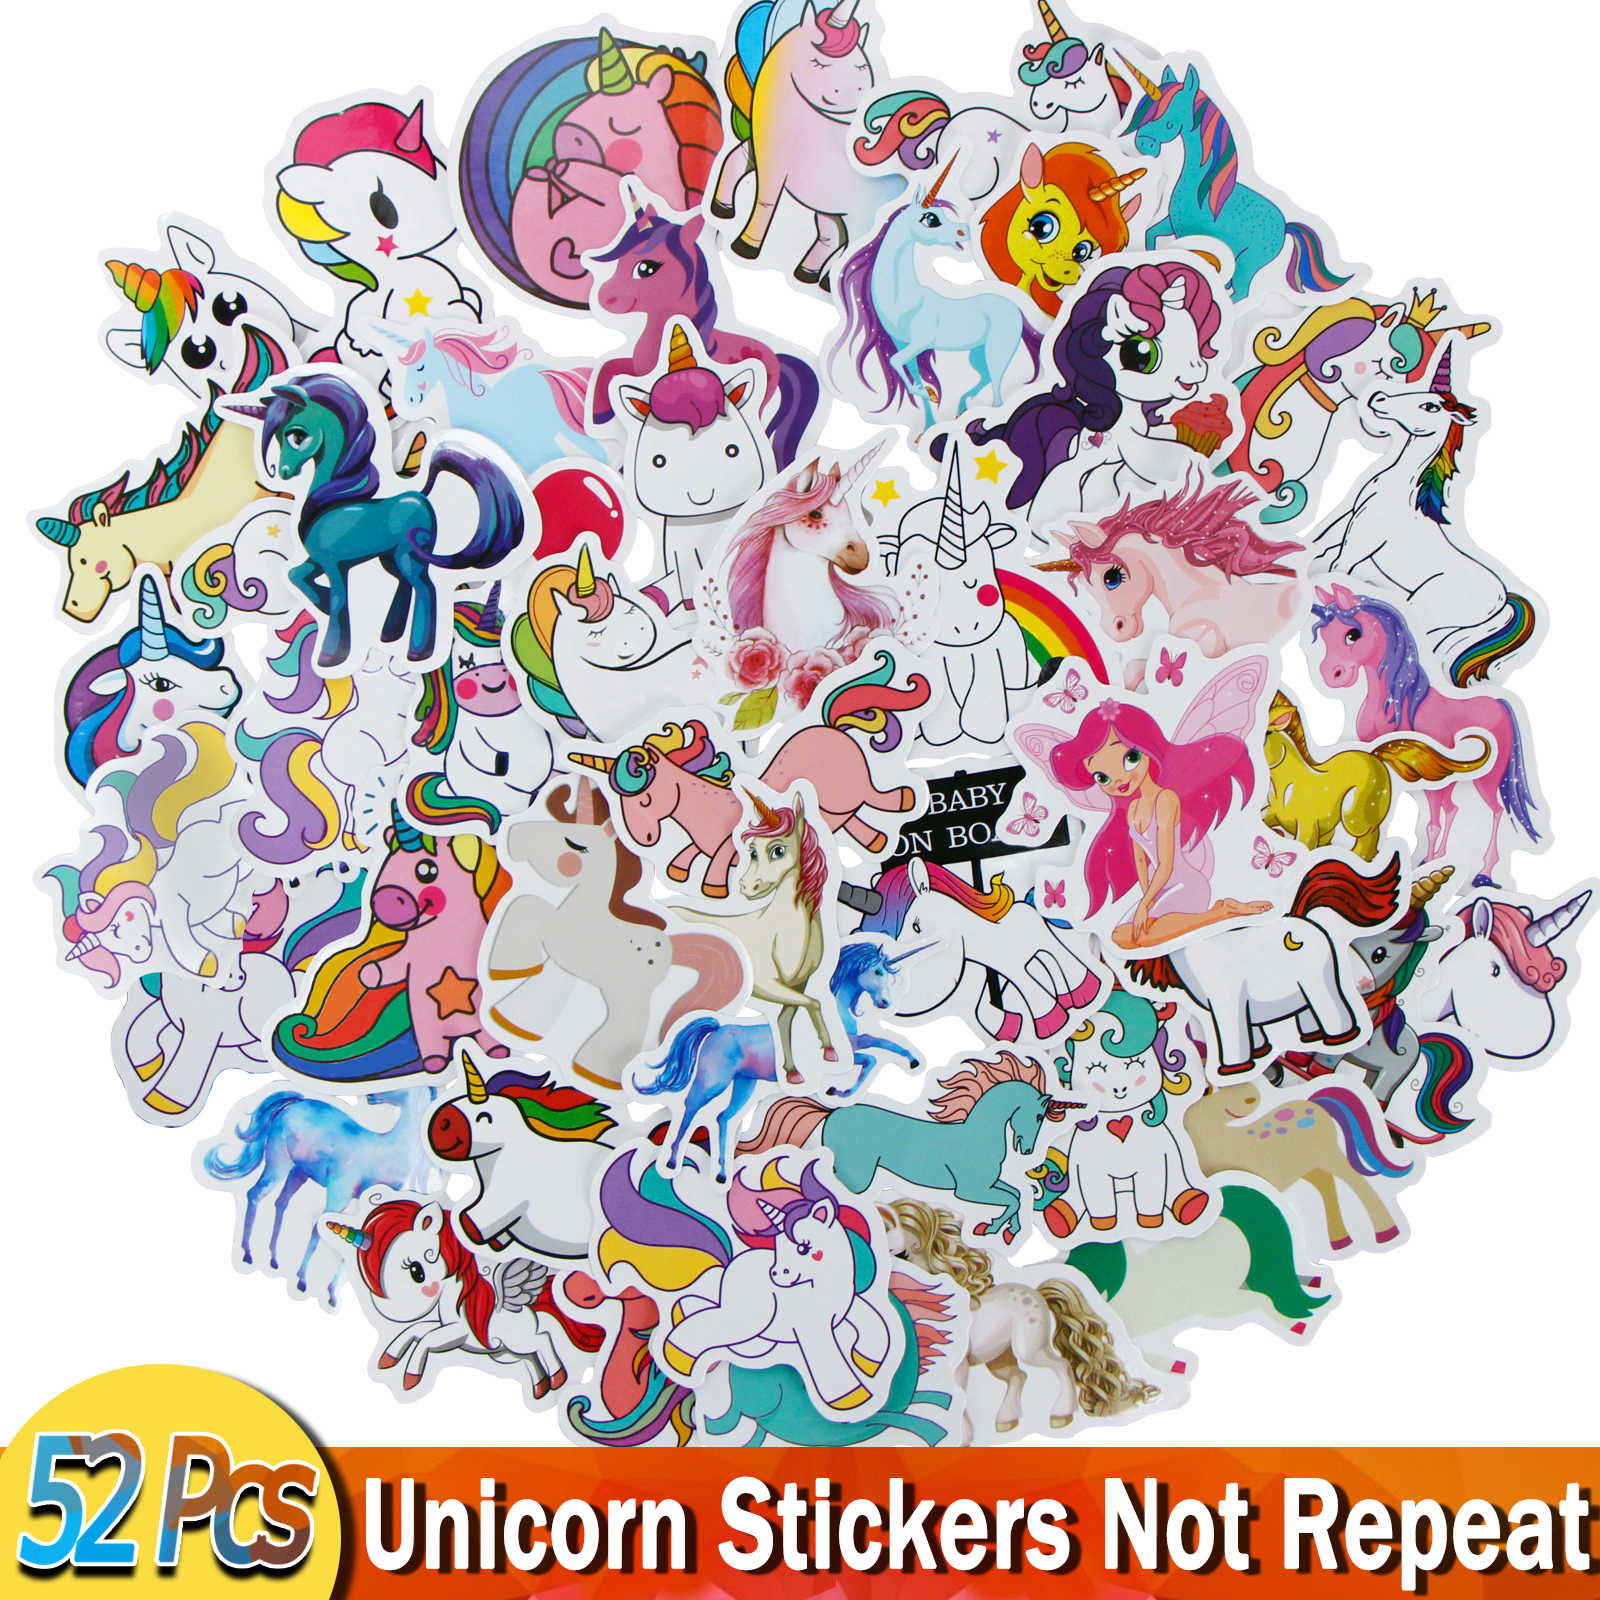 52 Pcs Stiker Untuk Unicorn Kartun Hewan Tahan Air Lucu Graffiti Sticker Untuk DIY Bagasi Sepeda Notebook Laptop Gitar Stiker